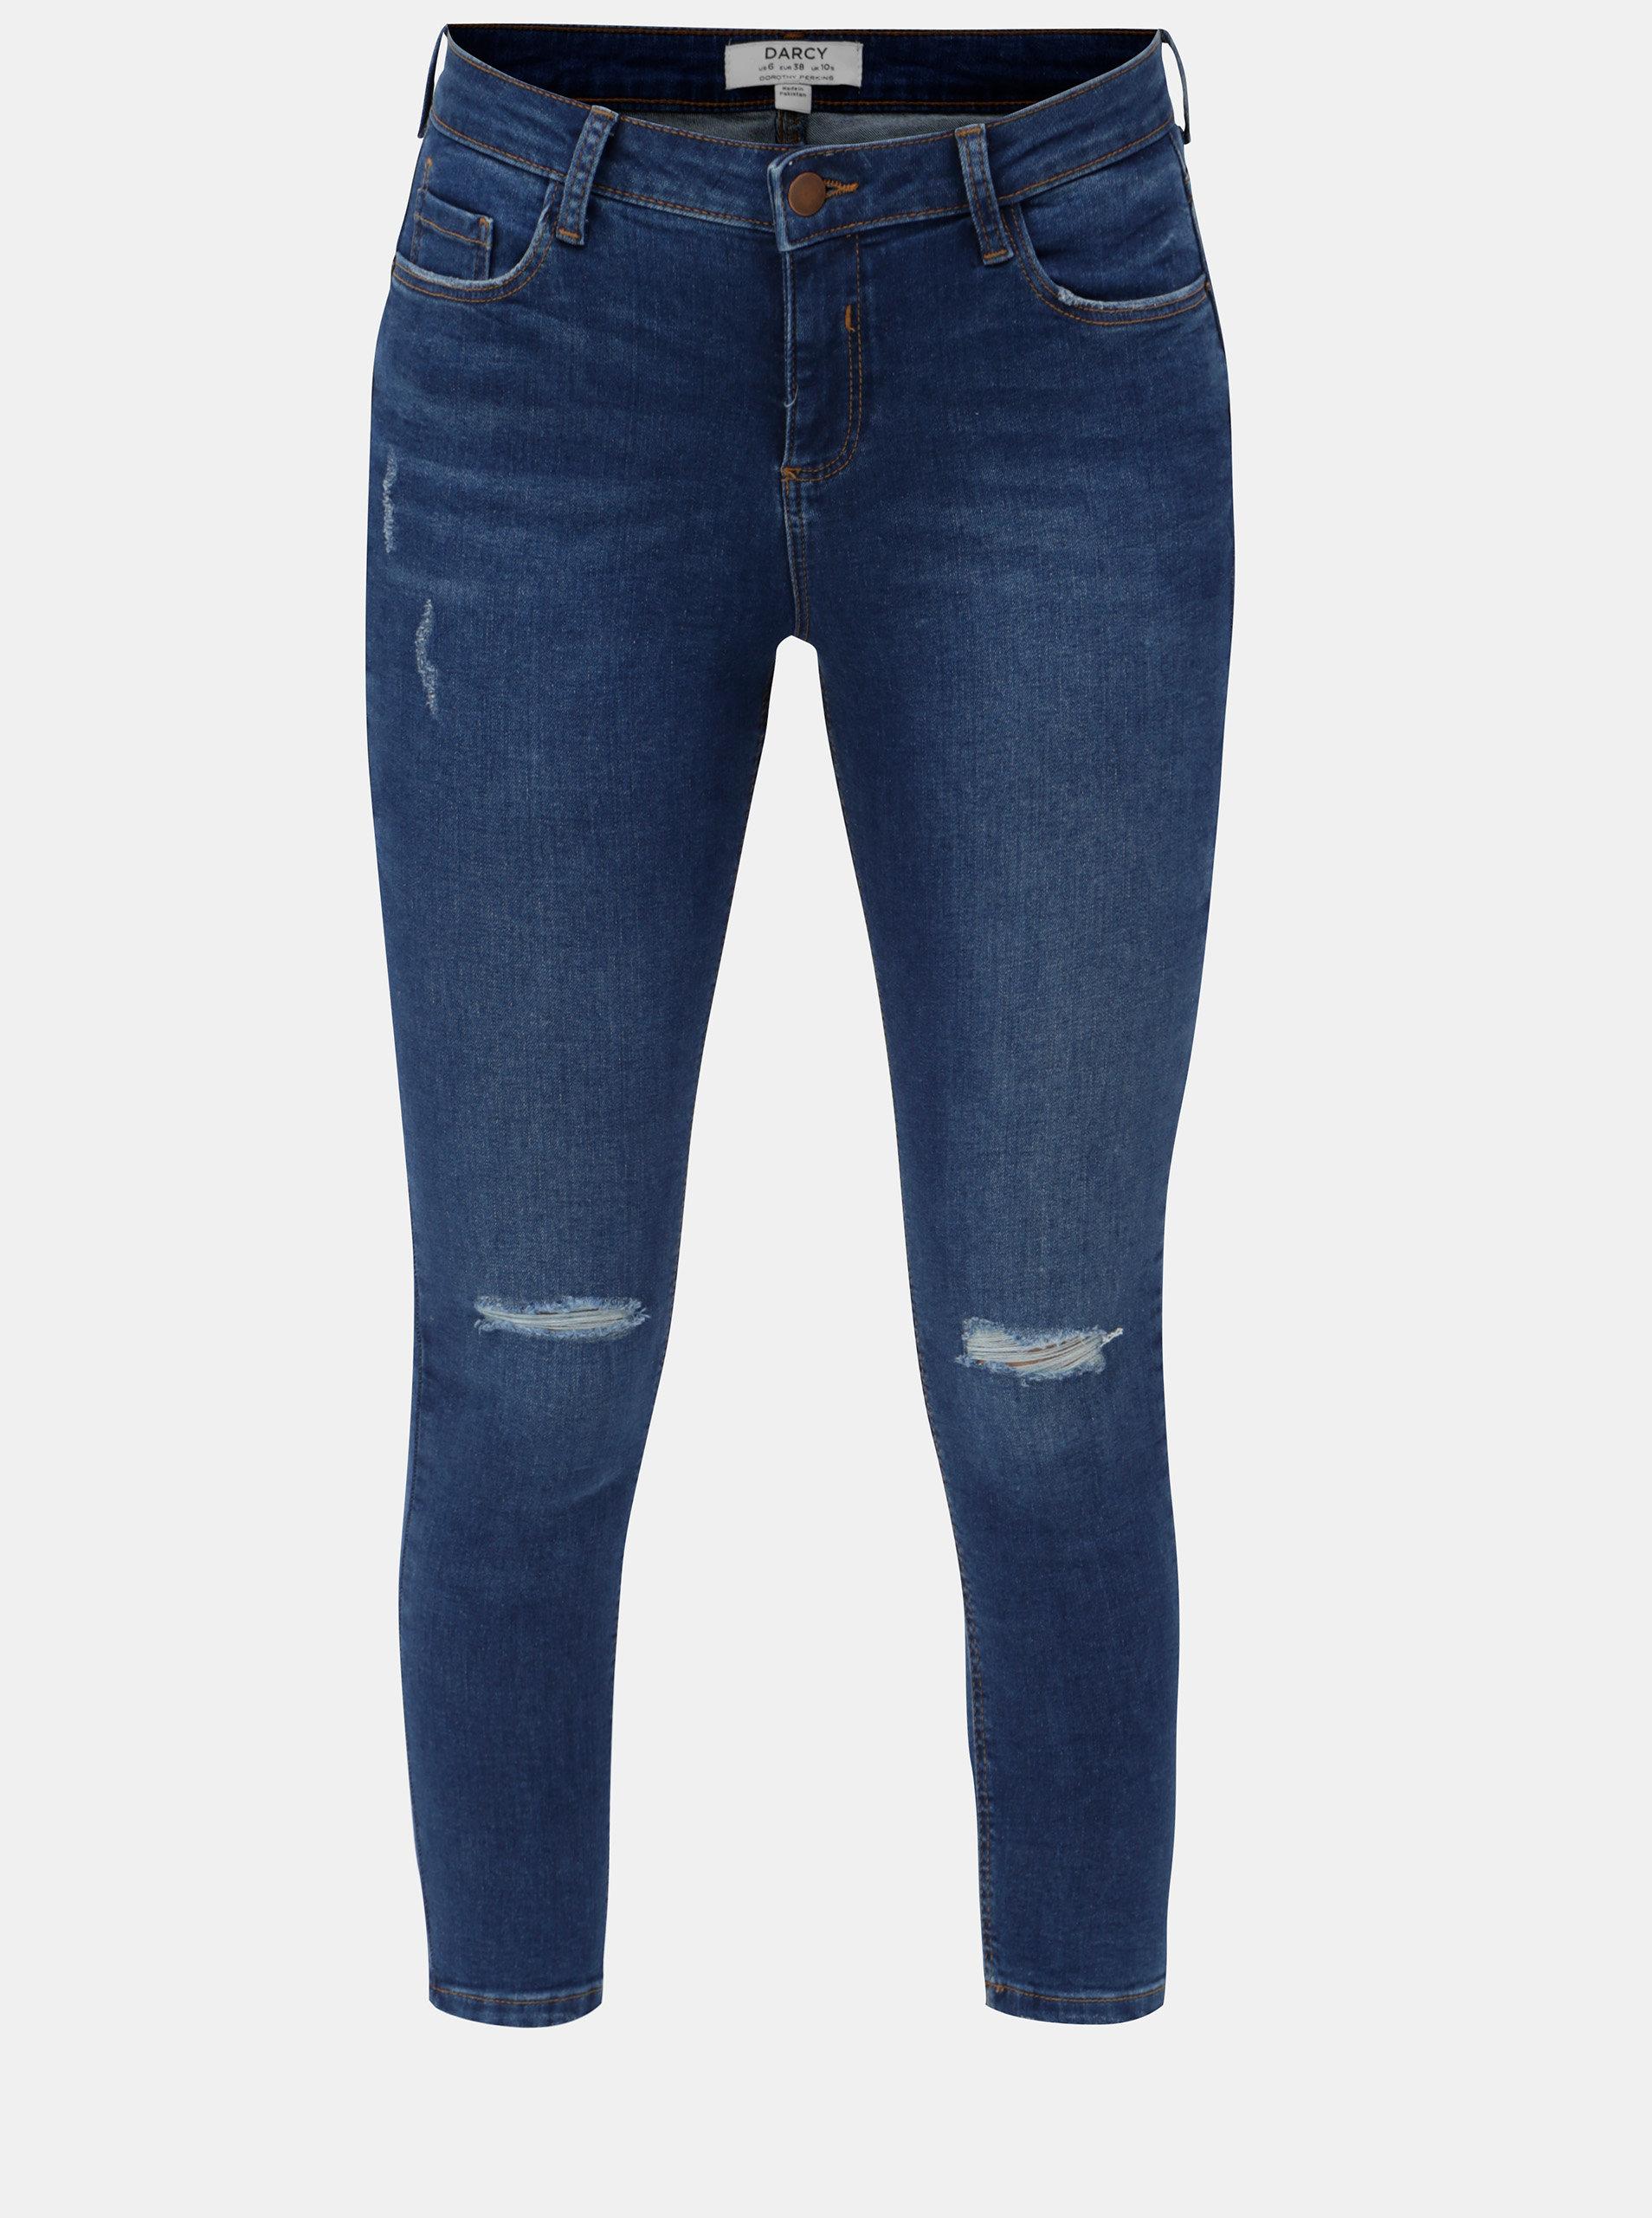 Tmavě modré zkrácené skinny džíny s potrhaným efektem džíny Dorothy Perkins